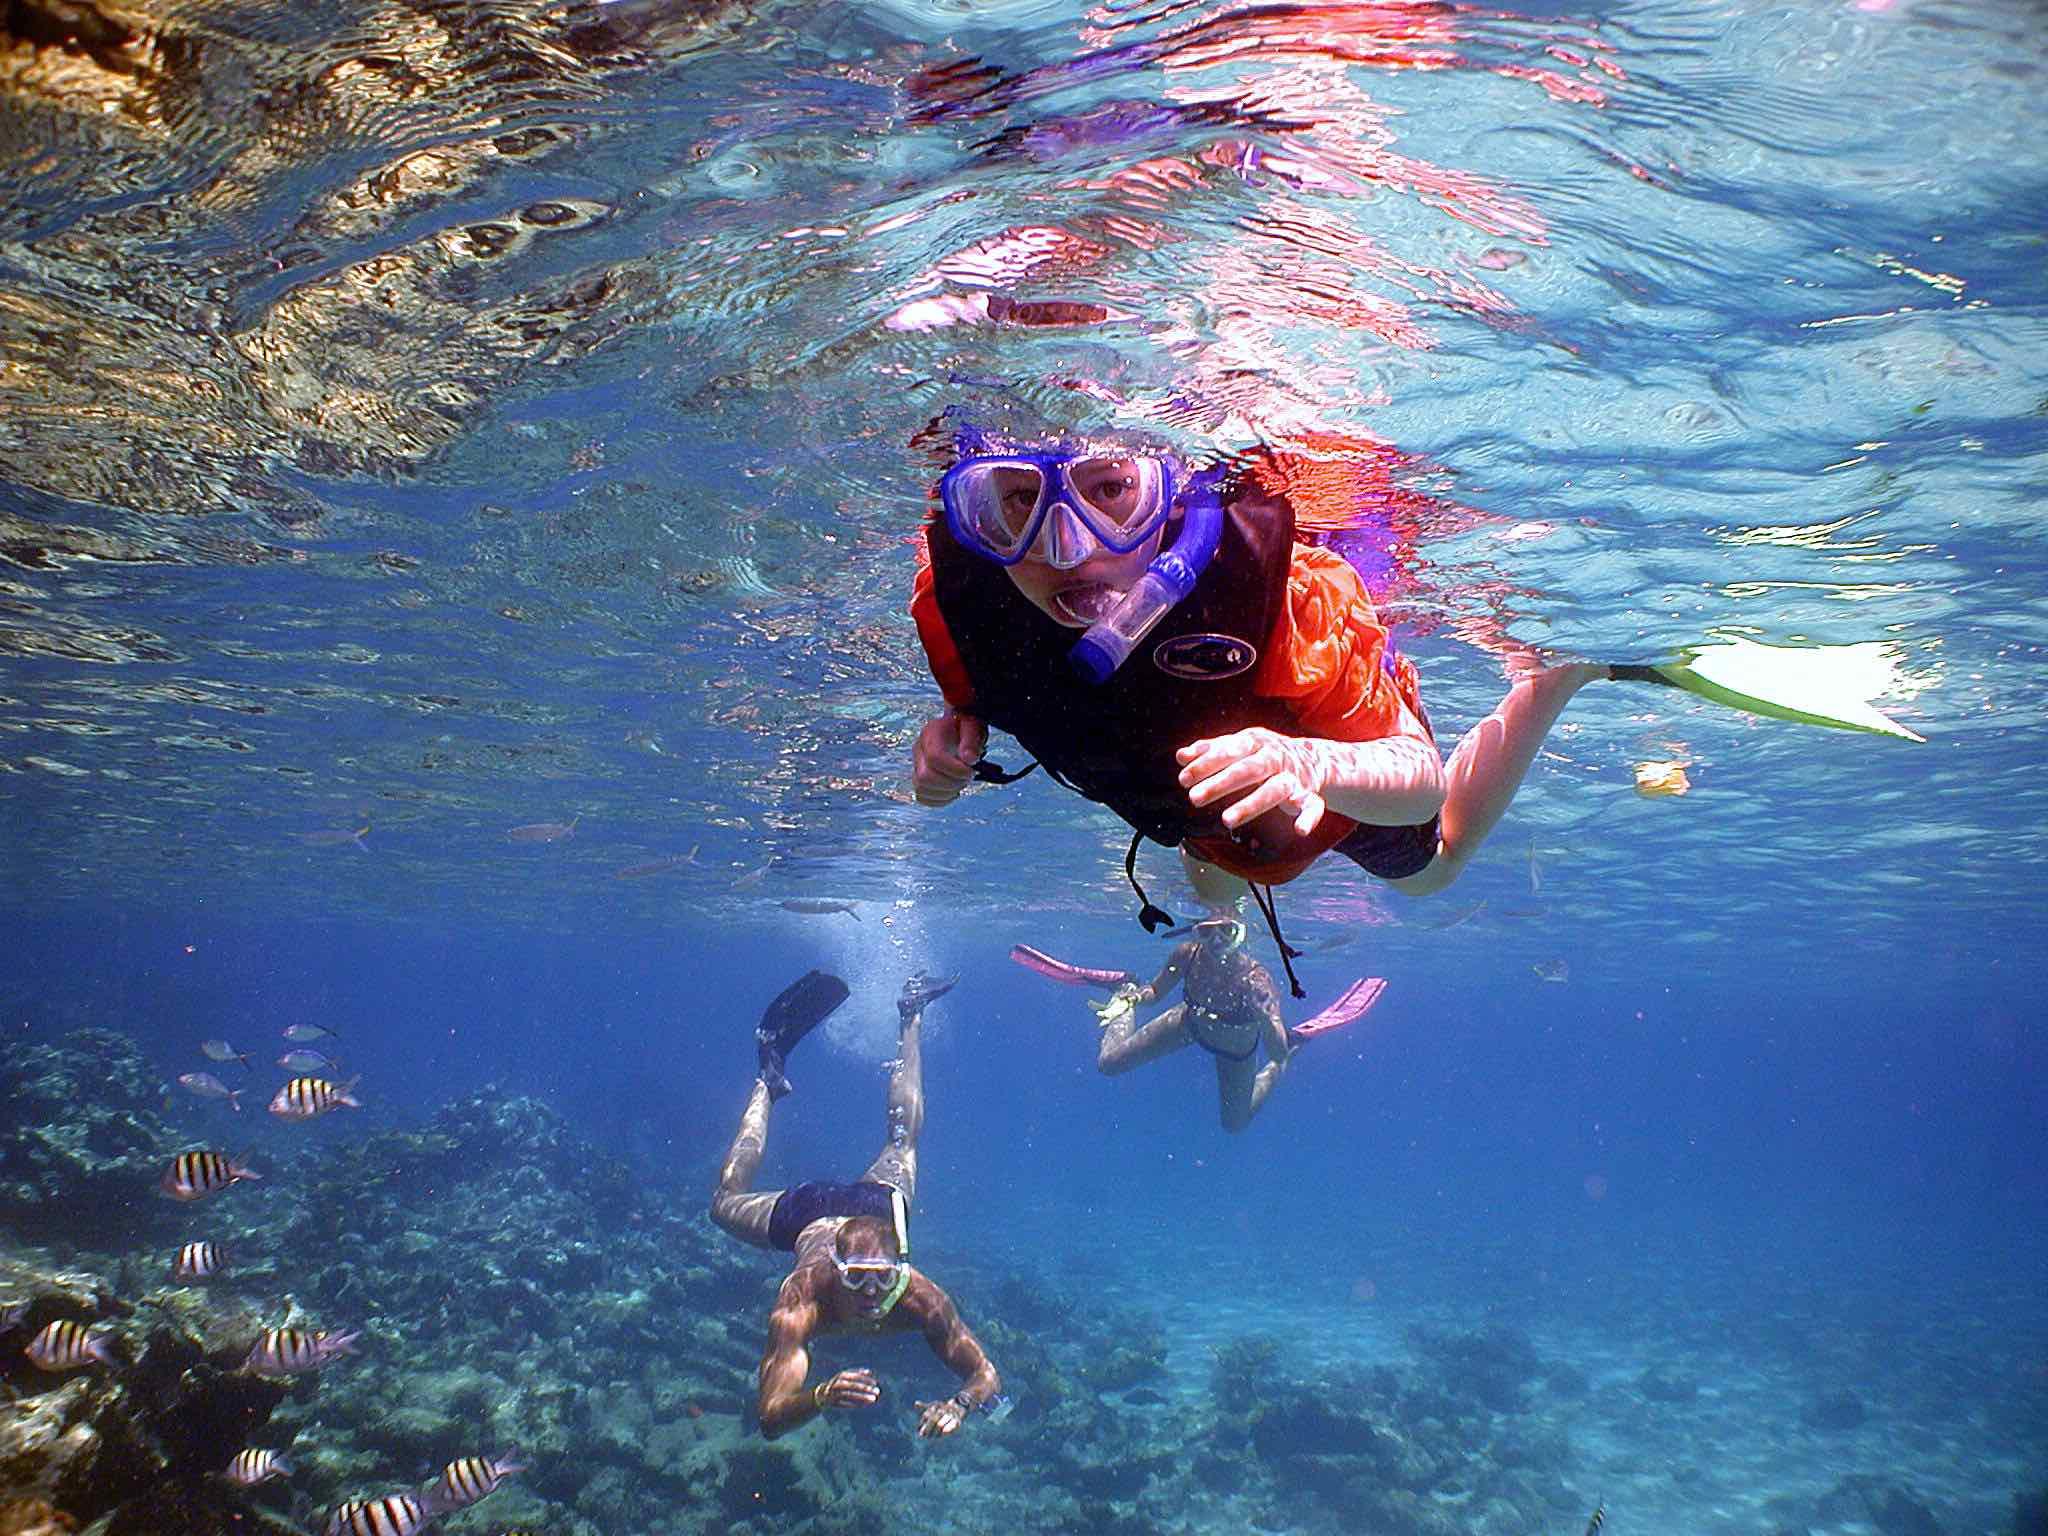 deportes acuáticos - snorkeling